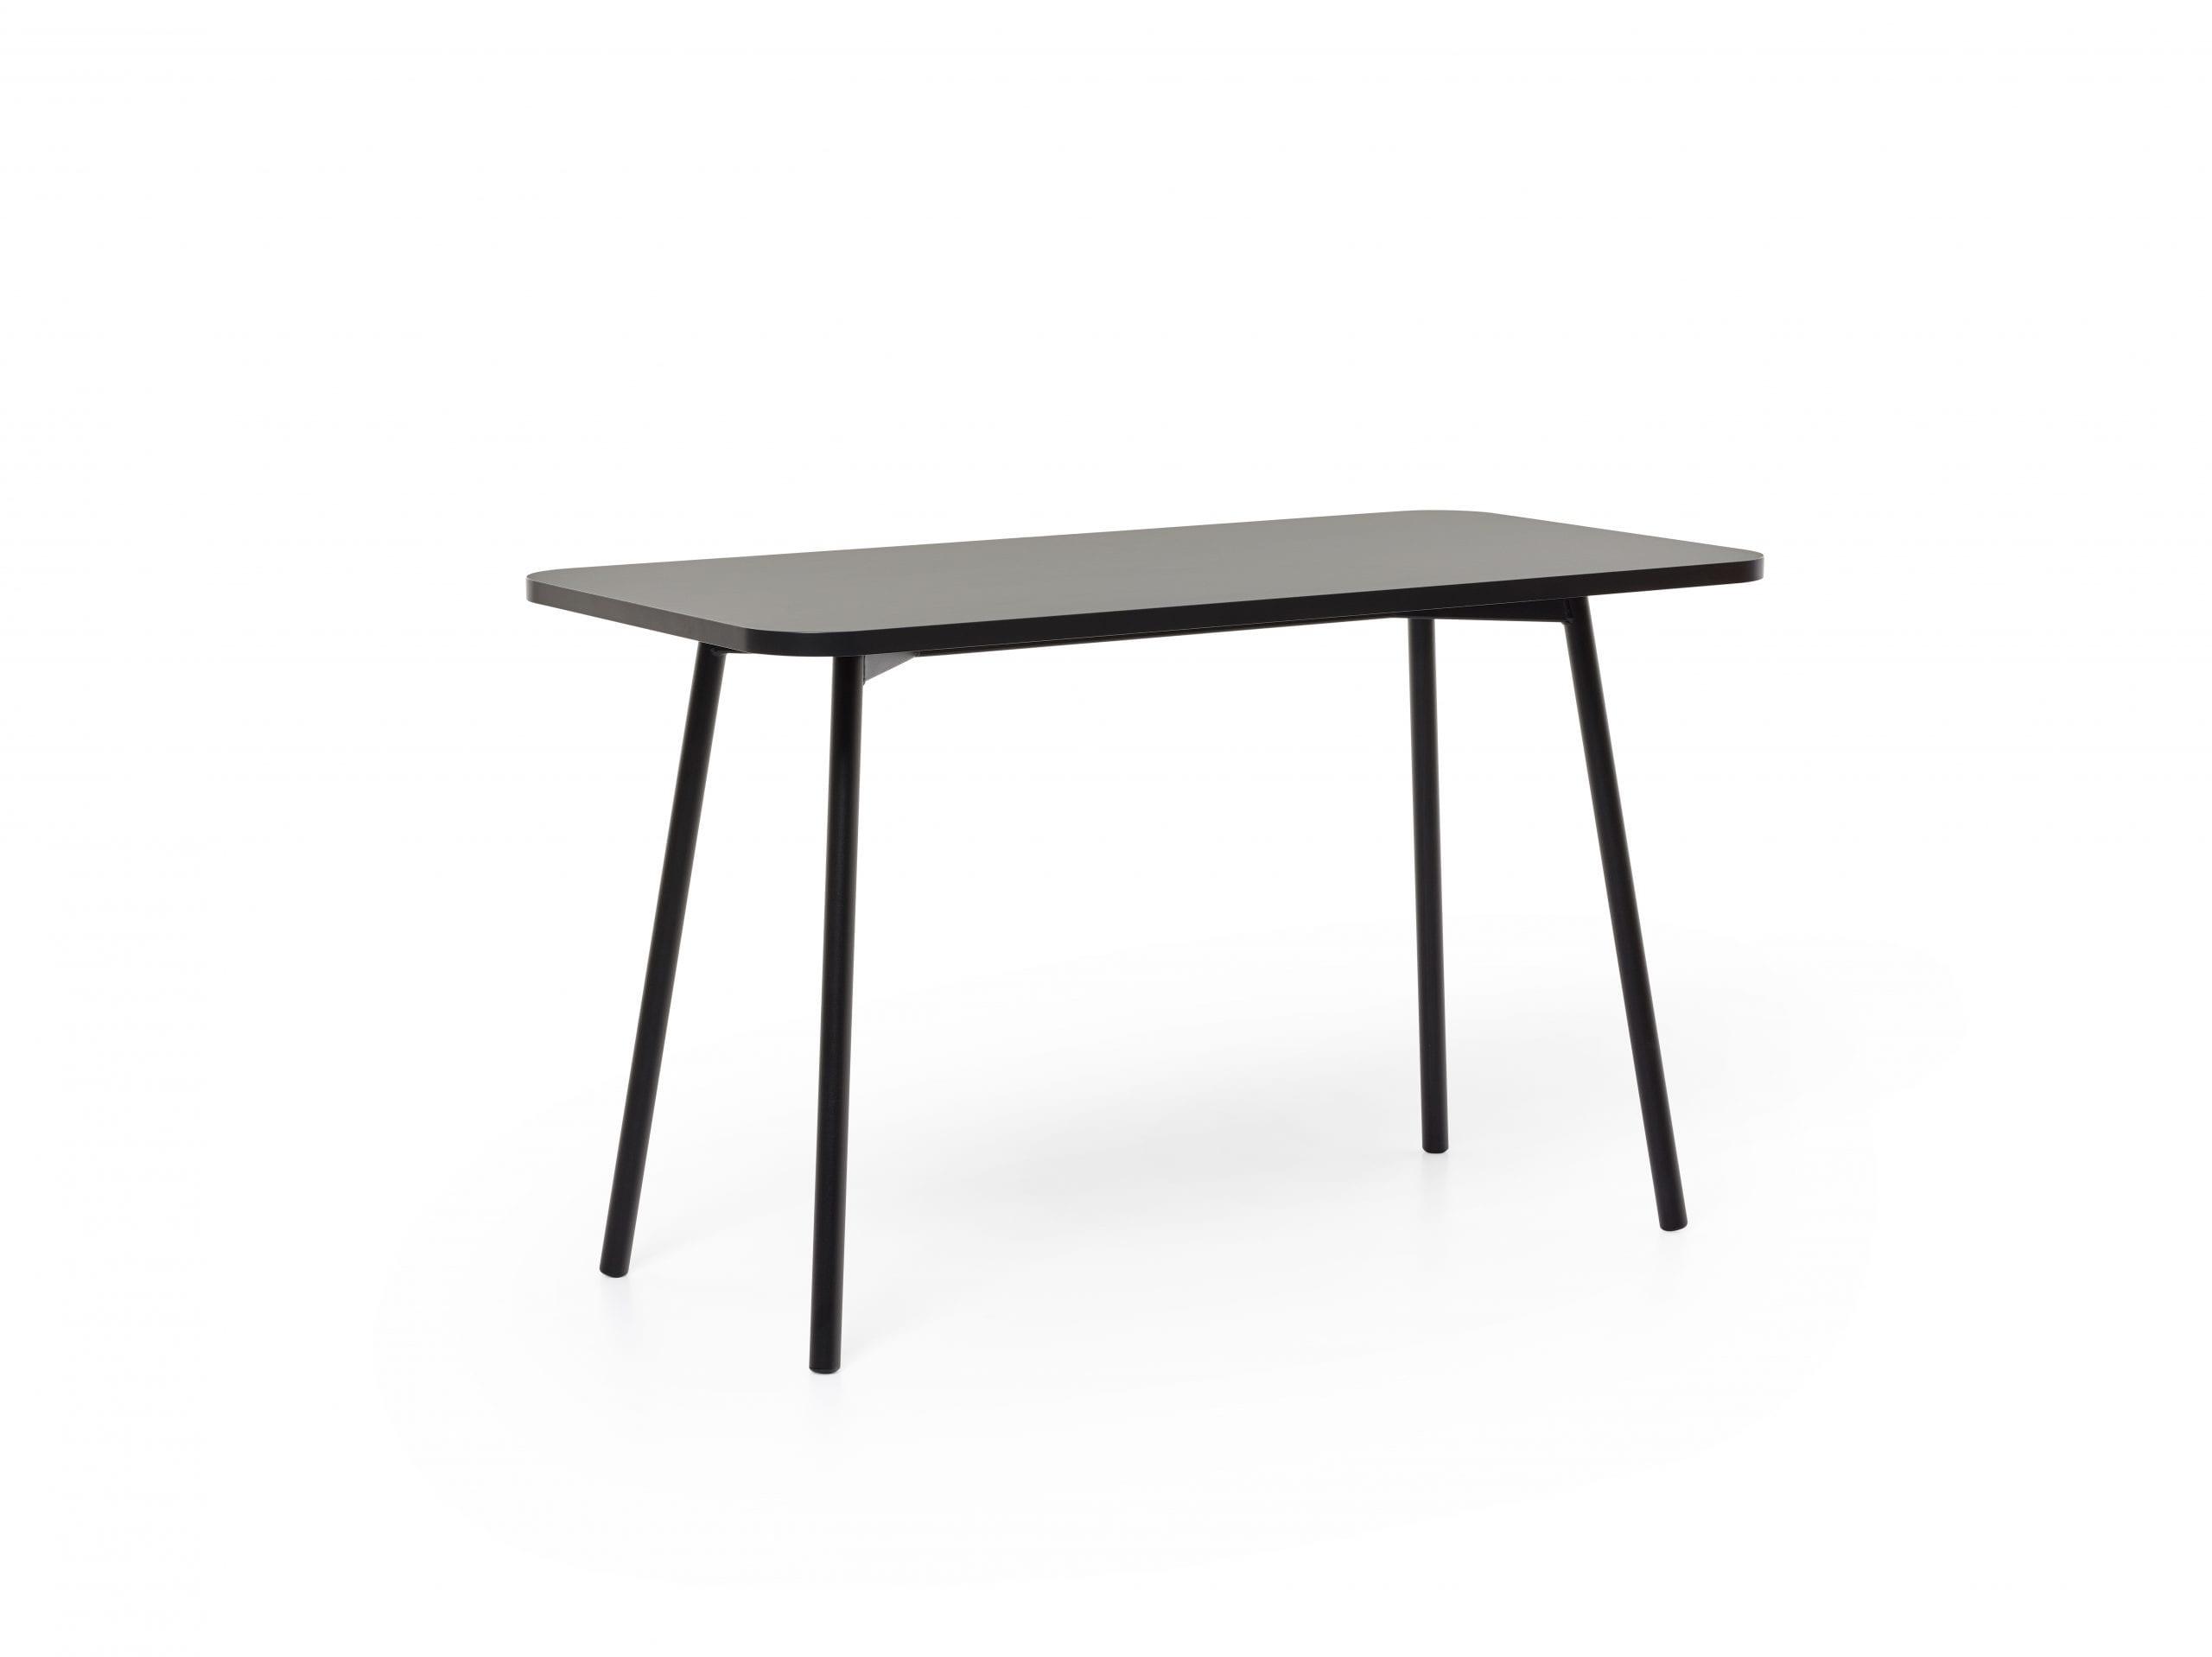 שולחנות עבודה מעוצבים - שולחן פורמייקה